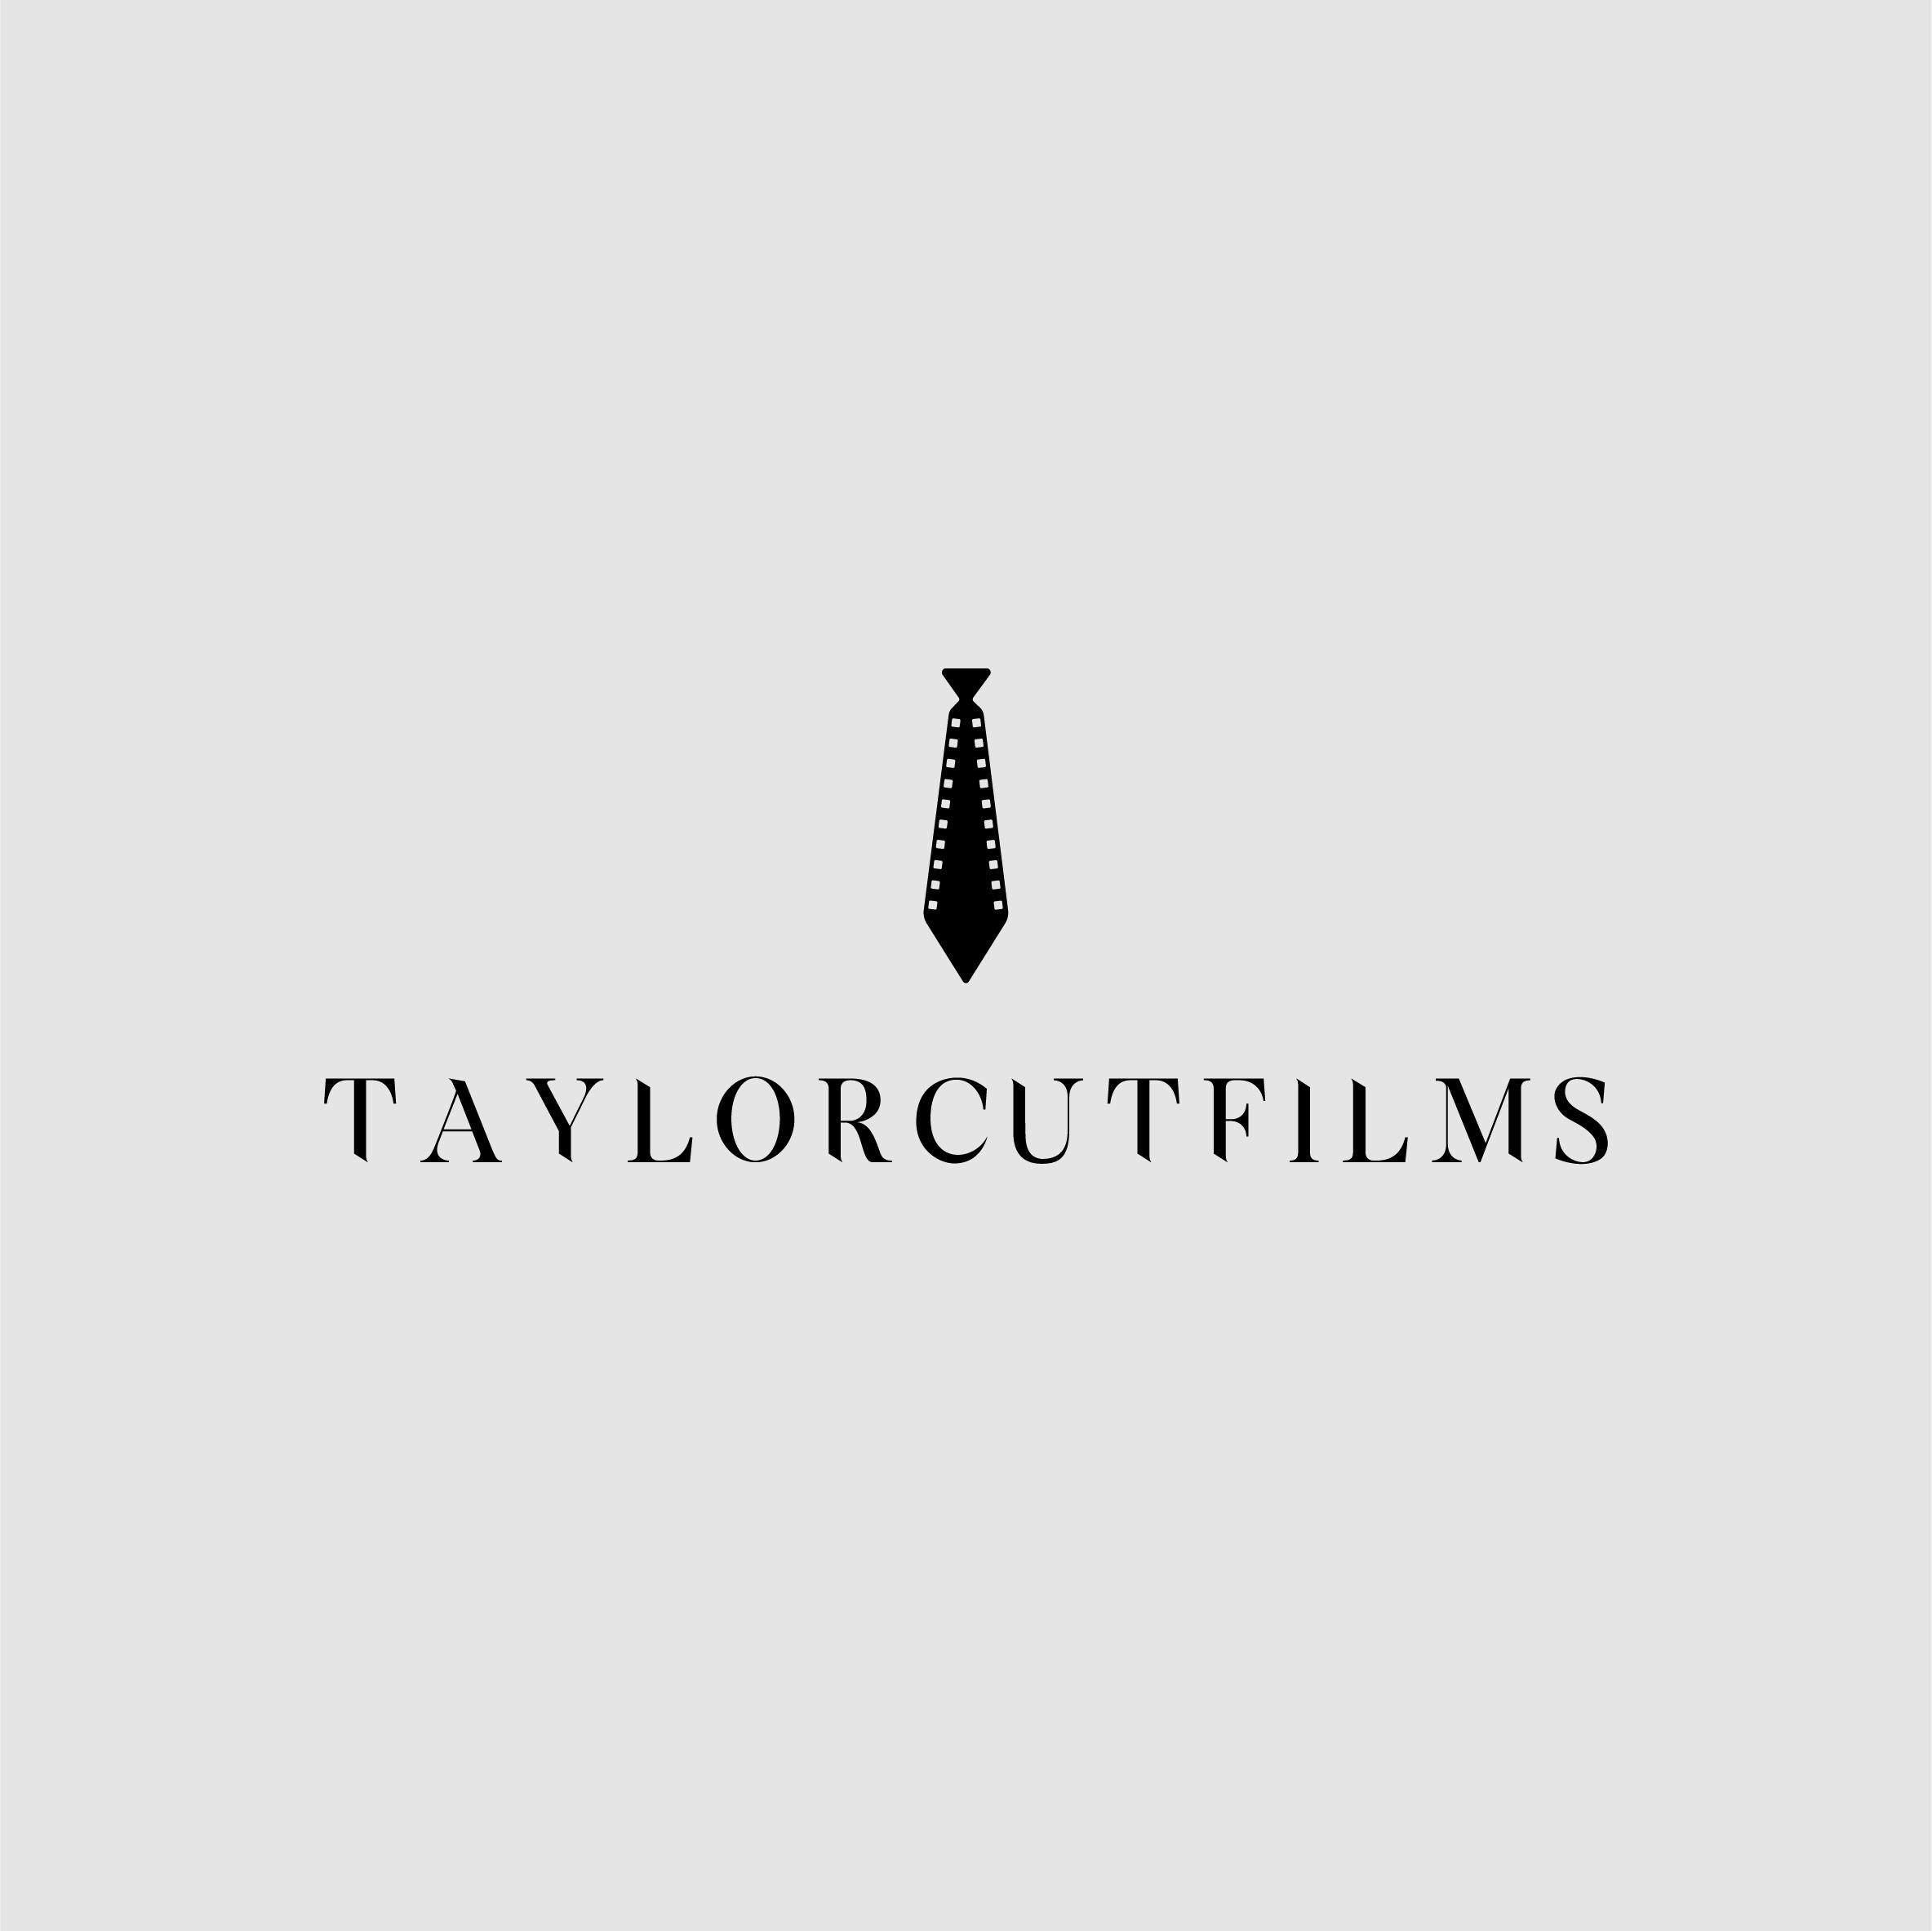 Taylor Cut Films